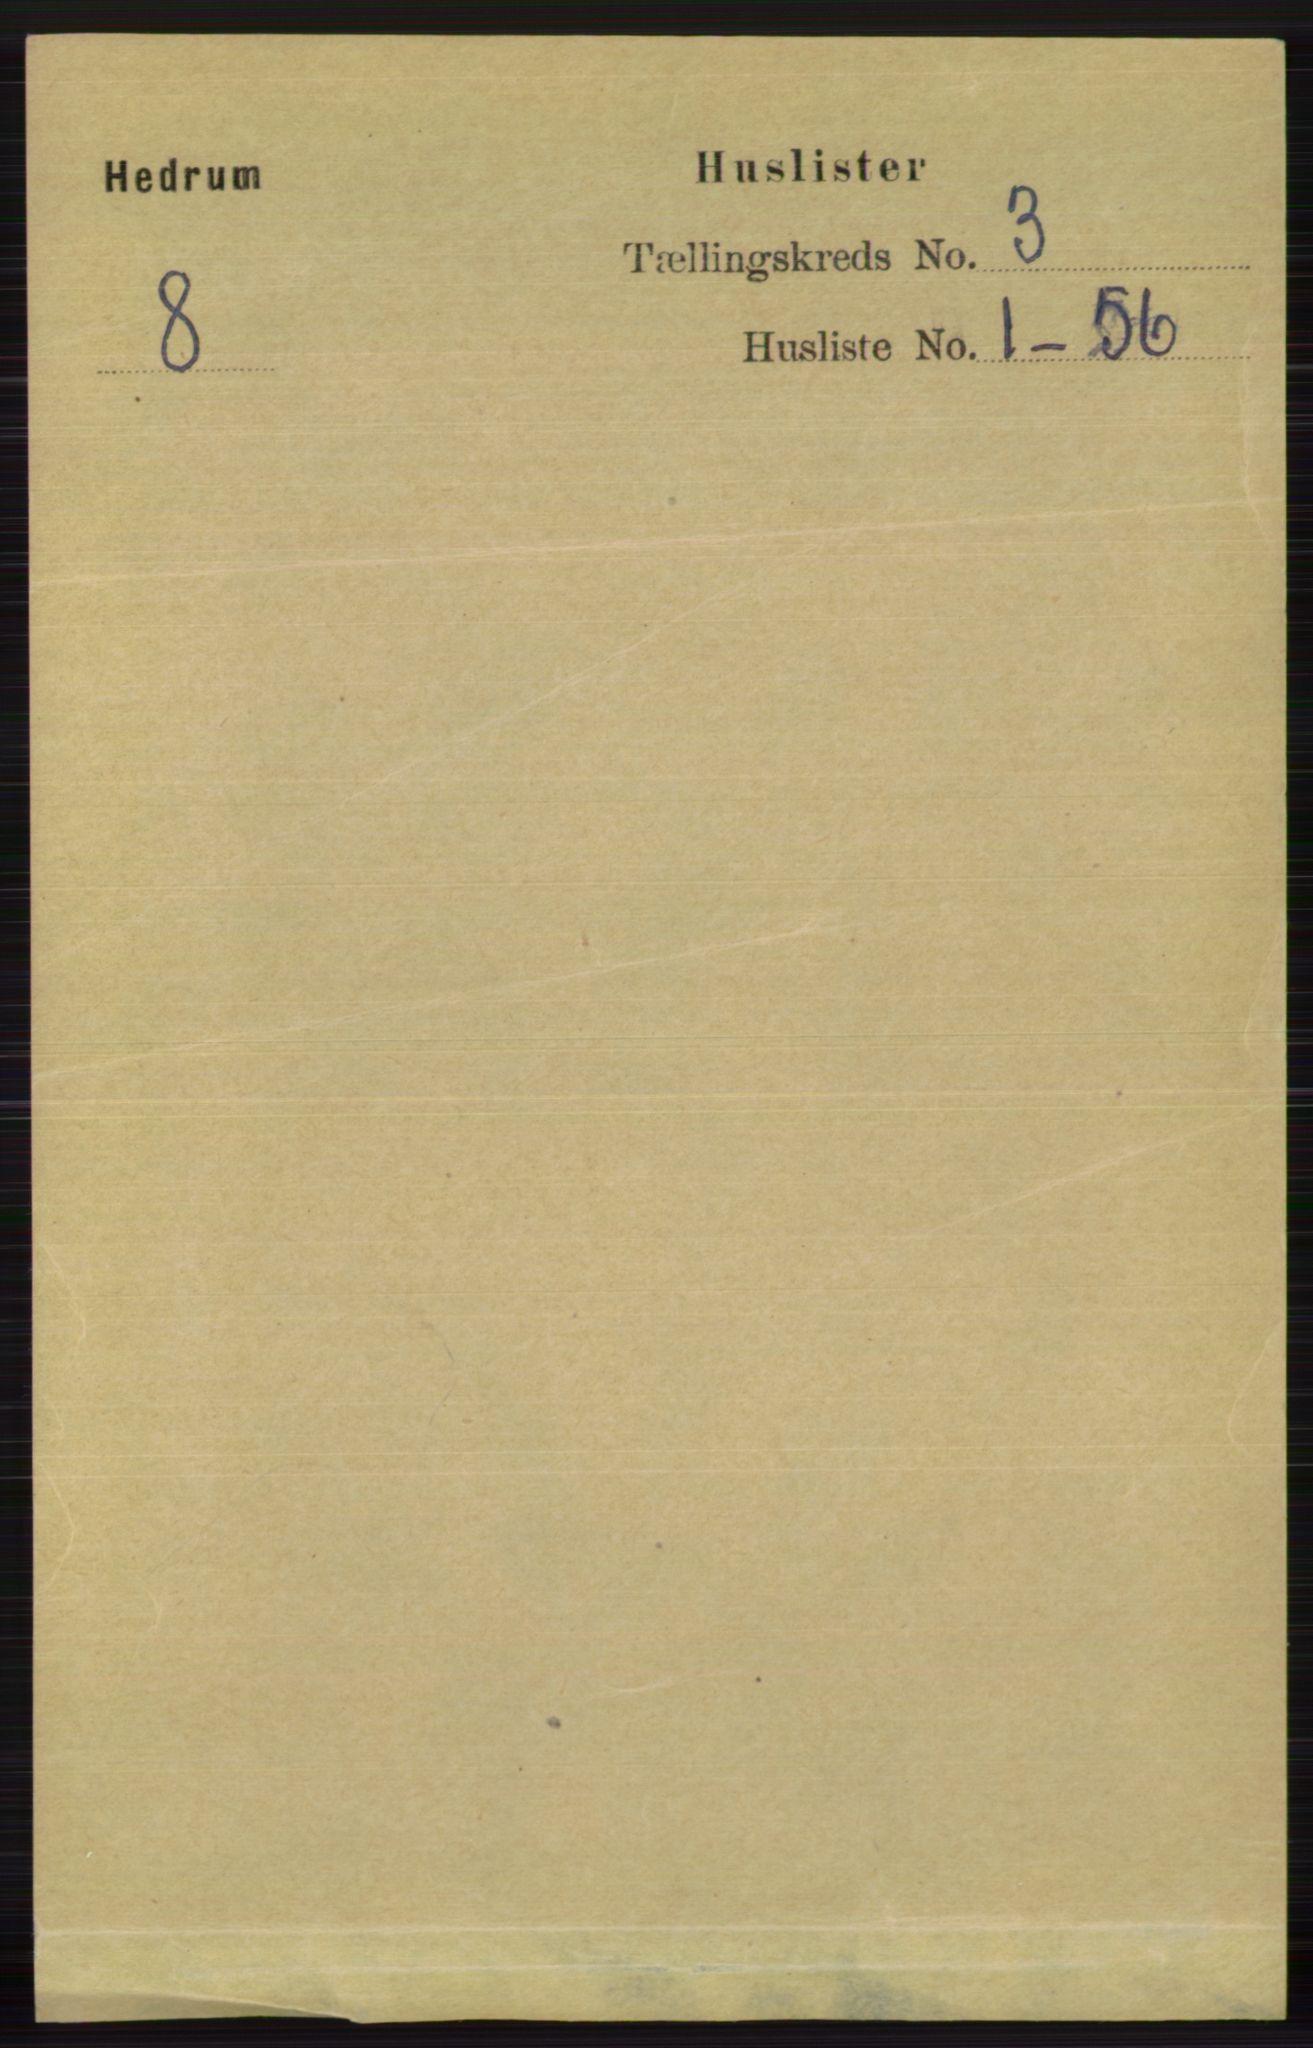 RA, Folketelling 1891 for 0727 Hedrum herred, 1891, s. 919